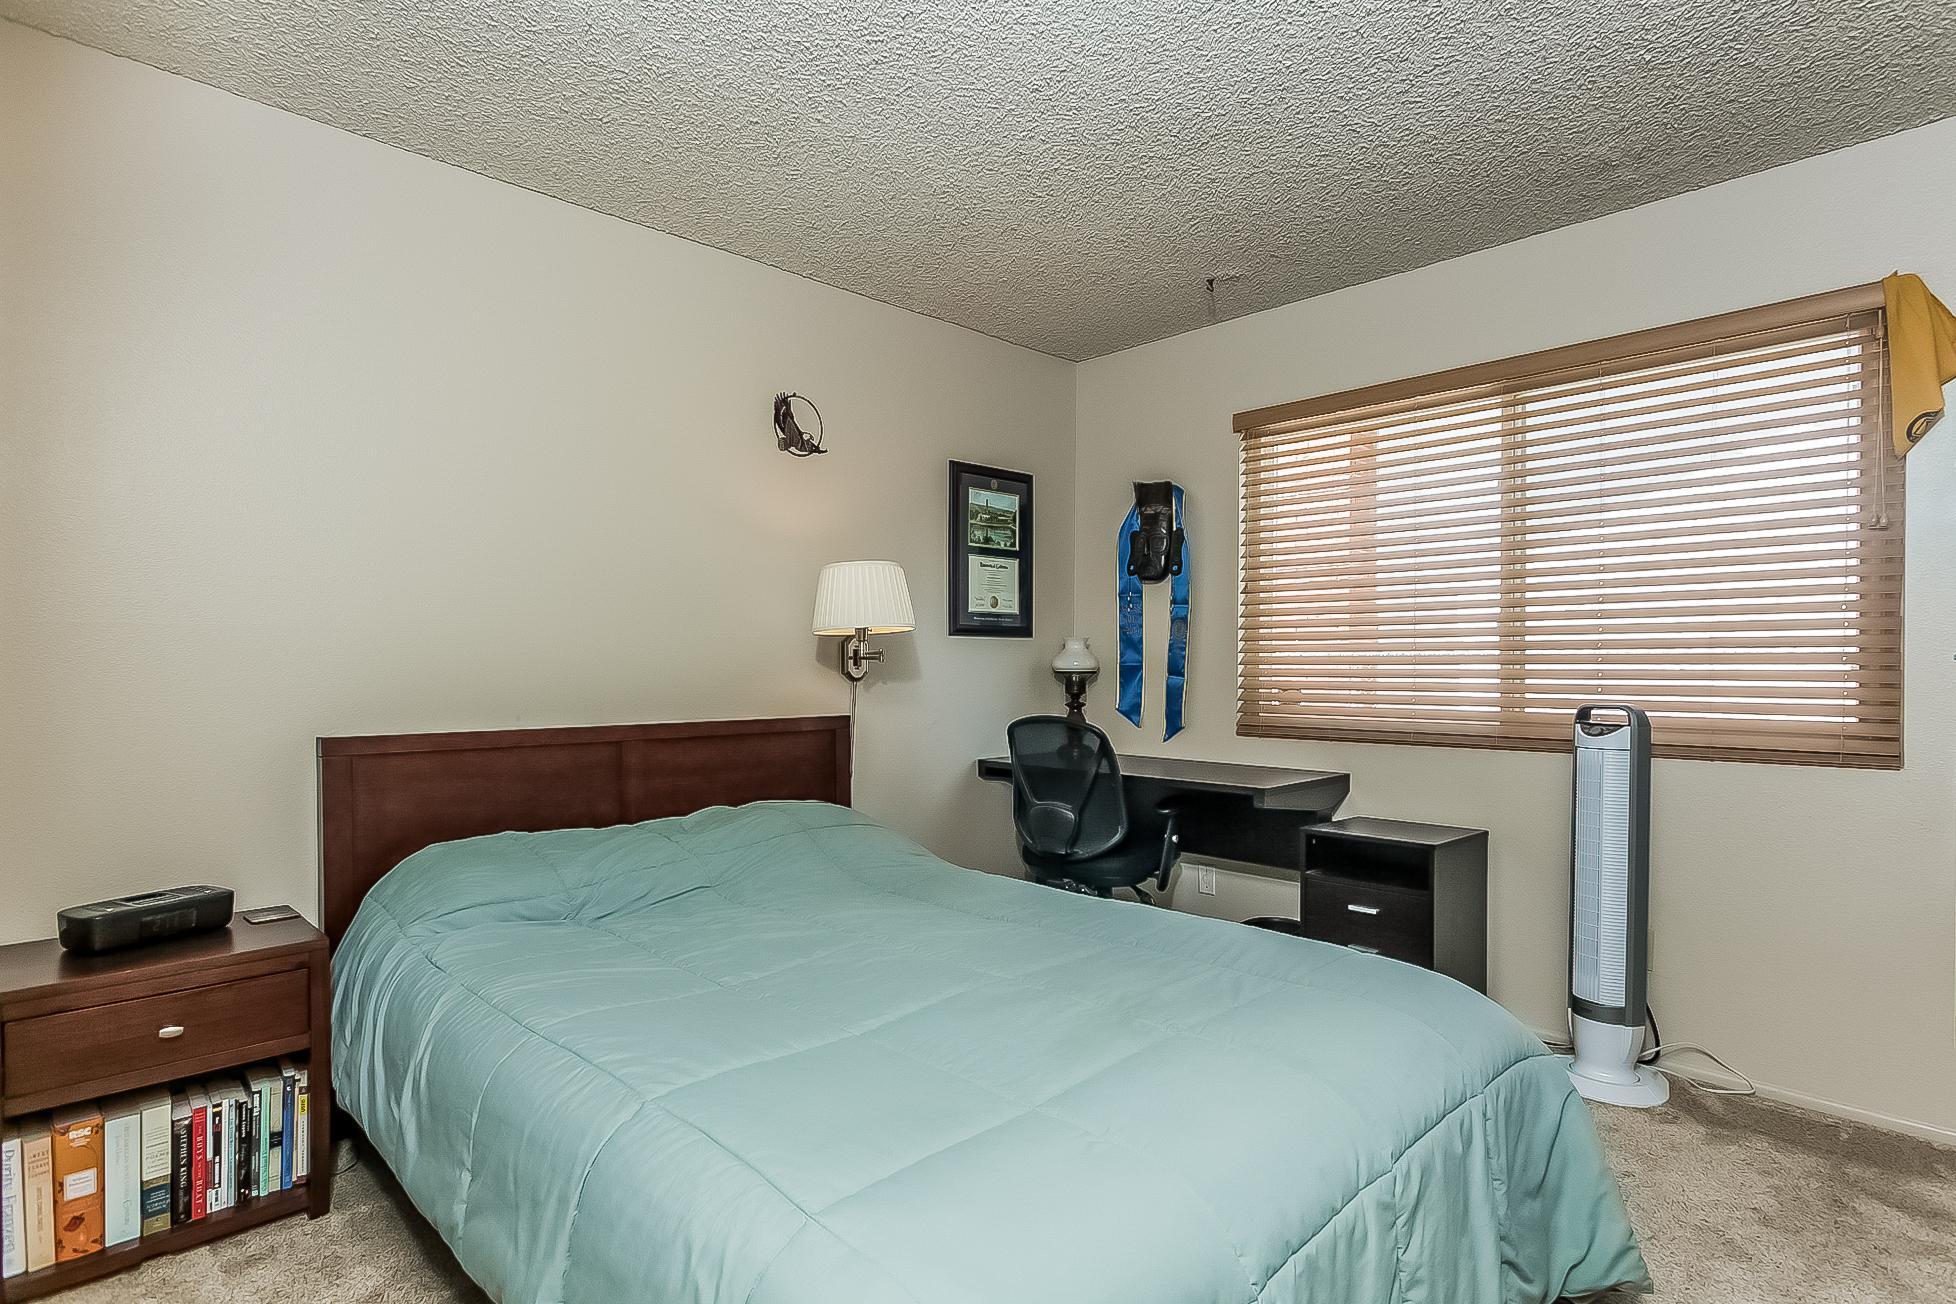 025-Bedroom-2687486-large.jpg